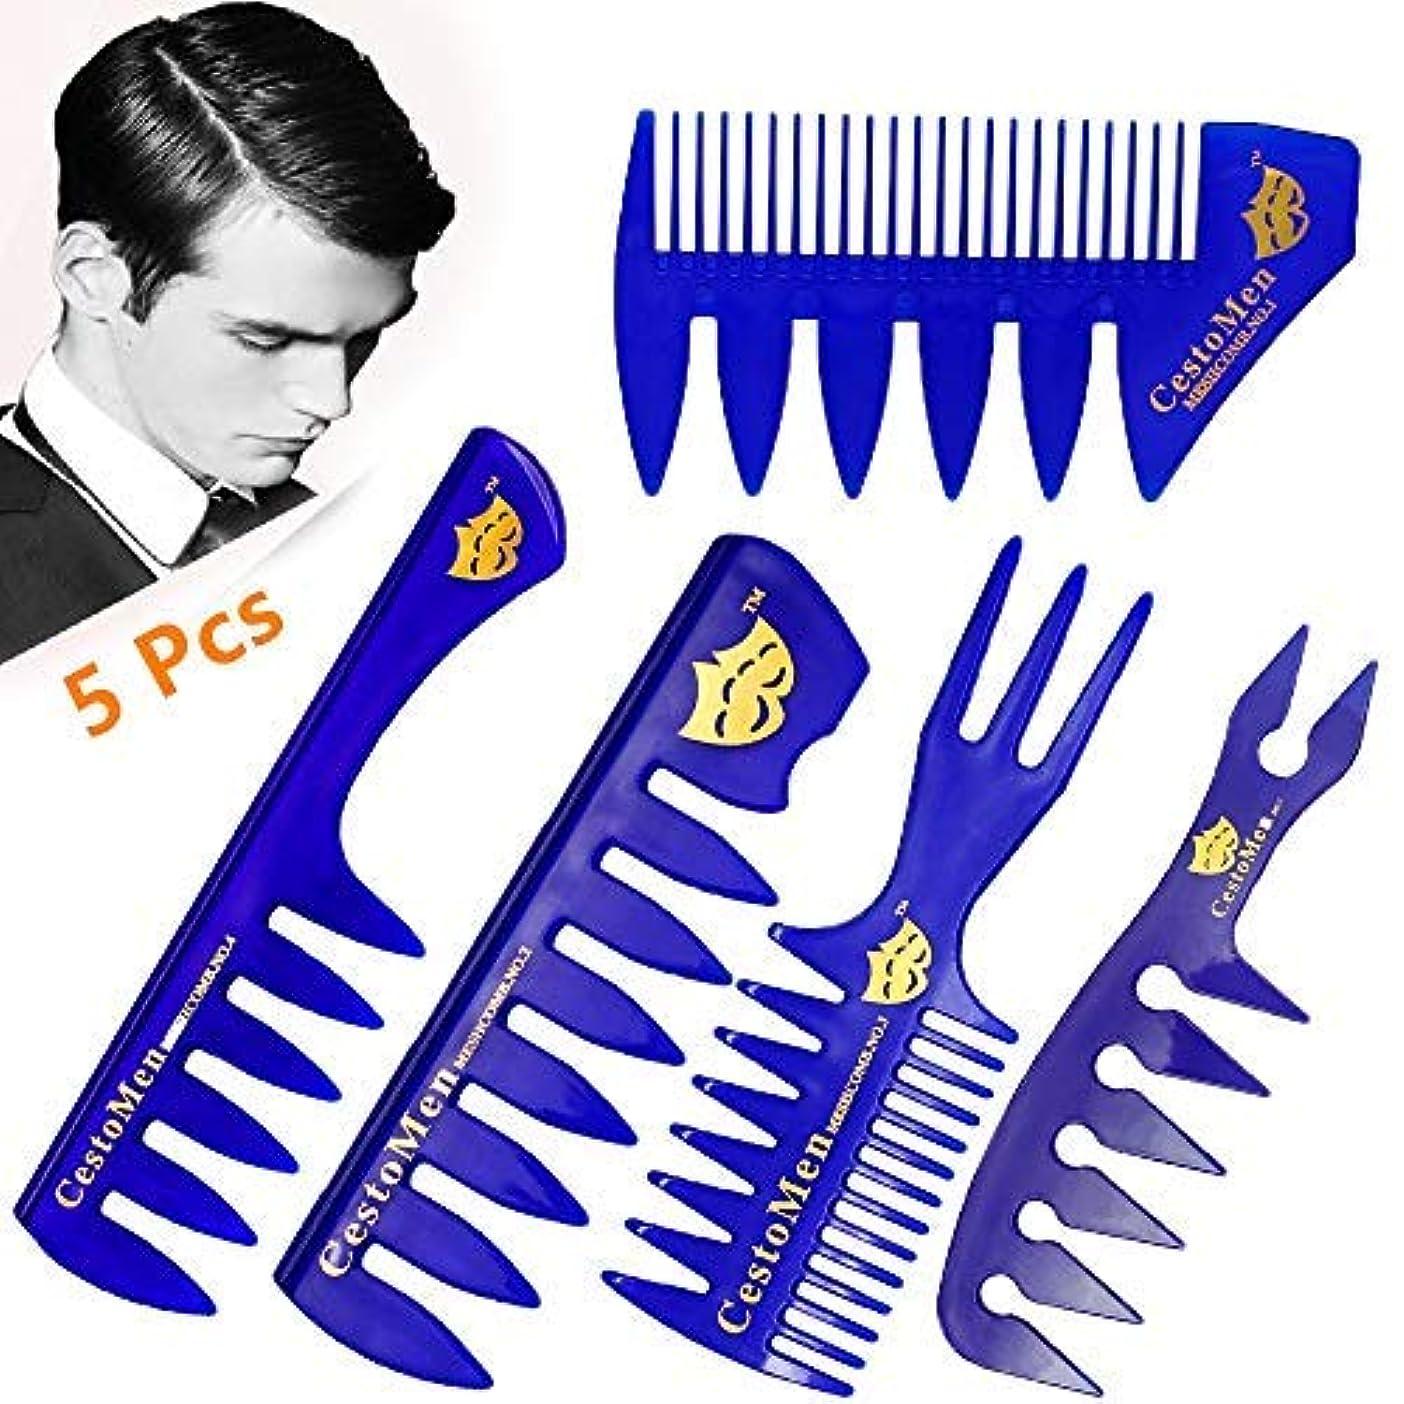 ずっと無効絡み合い5 Pack Hair Professional Teasing Combs - for Hairdressing, Barber, Hairstylist, Premium Quality Anti Static Hair Brush Accessories - Great for Men & Boys [並行輸入品]